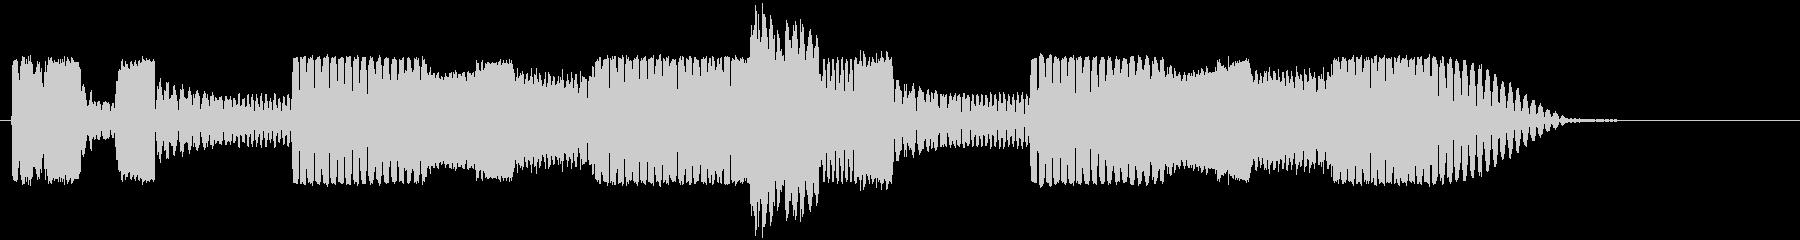 ロボットサウンド 機械音4の未再生の波形